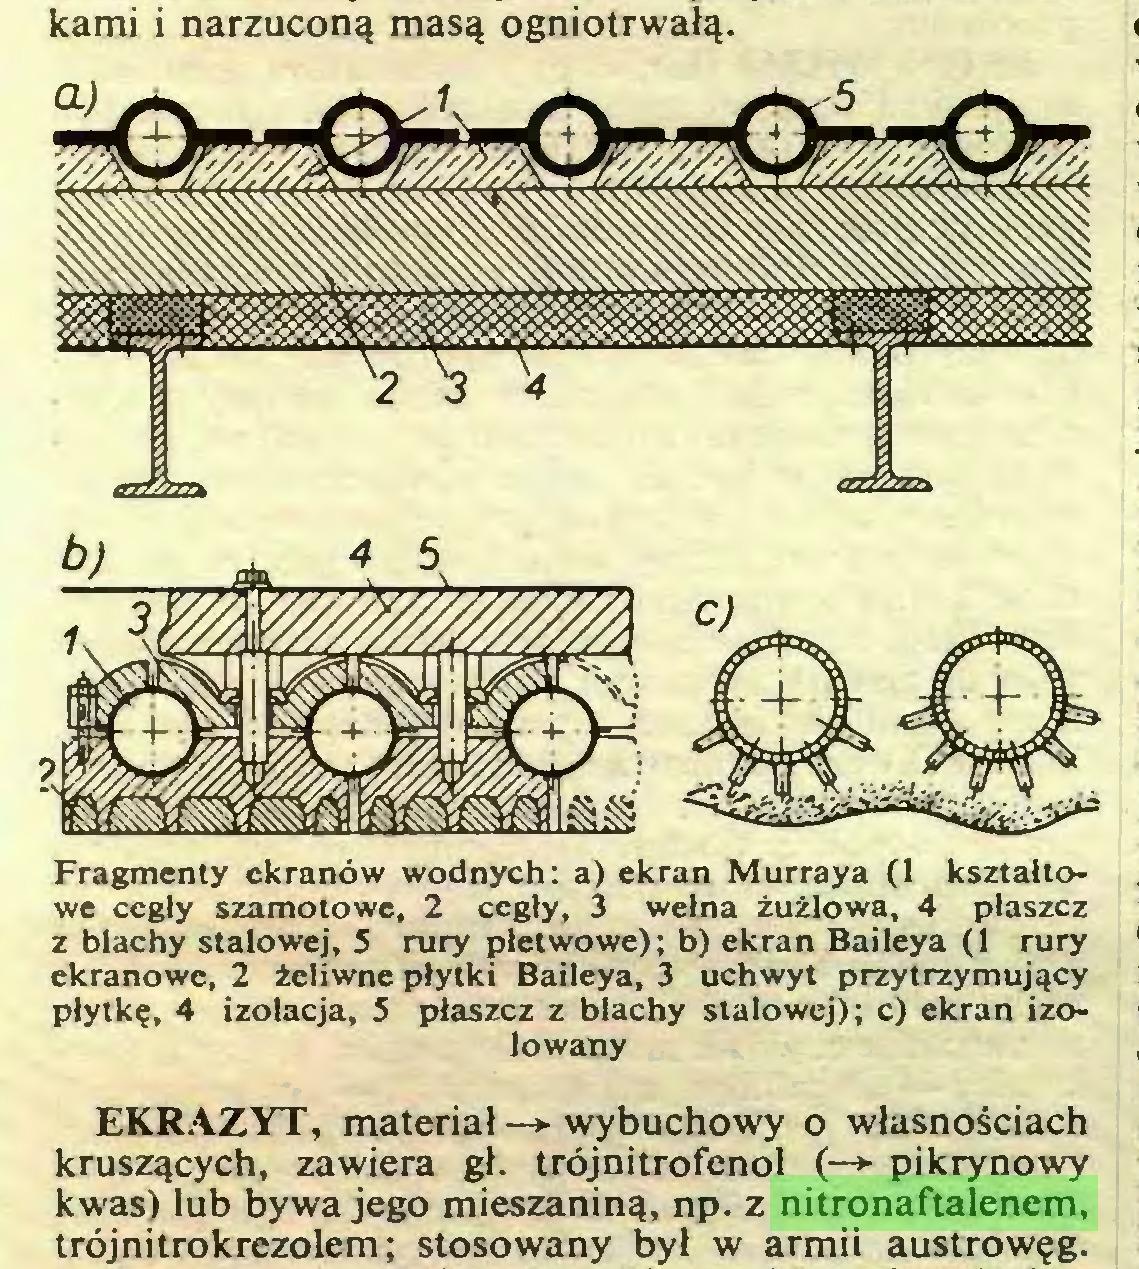 (...) kami i narzuconą masą ogniotrwałą. Fragmenty ekranów wodnych: a) ekran Murraya (1 kształtowe cegły szamotowe, 2 cegły, 3 wełna żużlowa, 4 płaszcz z blachy stalowej, 5 rury płetwowe); b) ekran Baiłeya (1 rury ekranowe, 2 żeliwne płytki Baiłeya, 3 uchwyt przytrzymujący płytkę, 4 izolacja, 5 płaszcz z blachy stalowej); c) ekran izolowany EKRAZYT, materiał —»• wybuchowy o własnościach kruszących, zawiera gł. trójnitrofenol (—*■ pikrynowy kwas) lub bywa jego mieszaniną, np. z nitronaftalenem, trójnitrokrezolem; stosowany był w armii austrowęg...